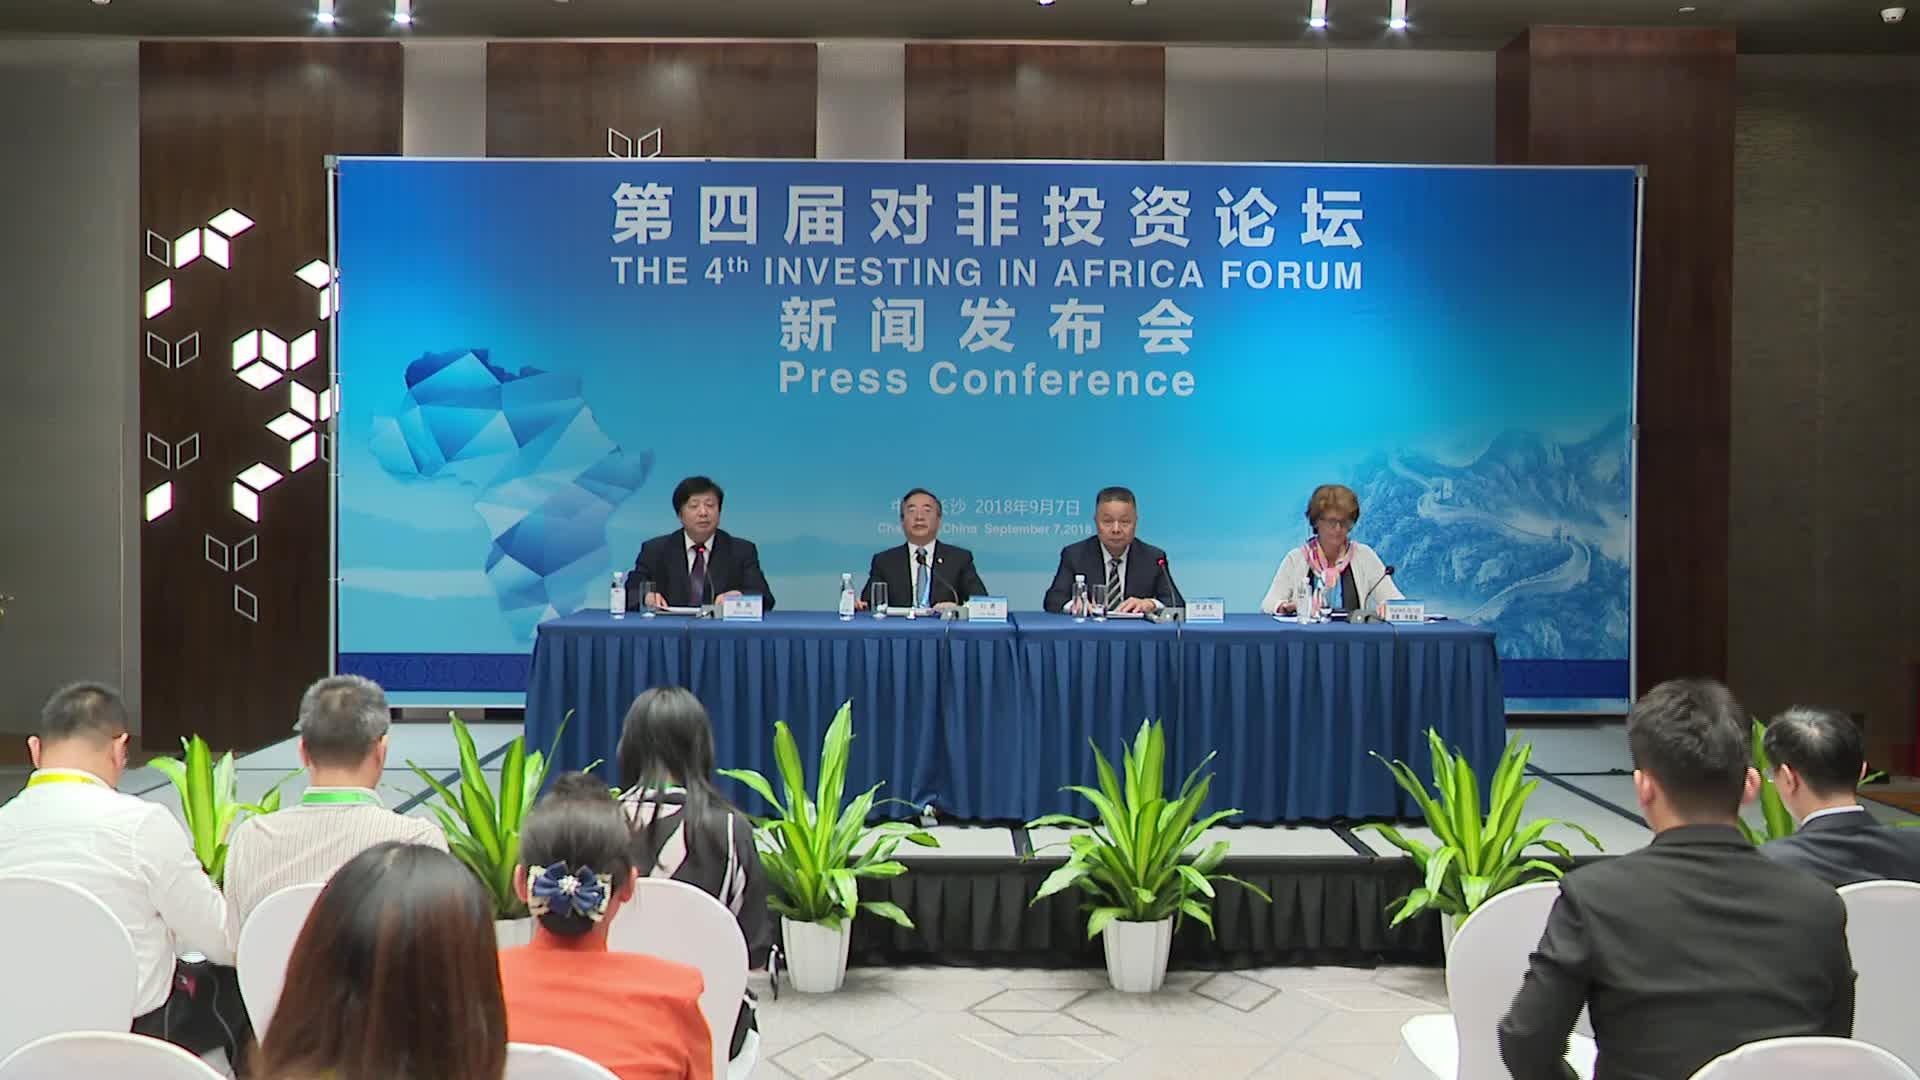 【全程回放】第四届对非投资论坛新闻发布会